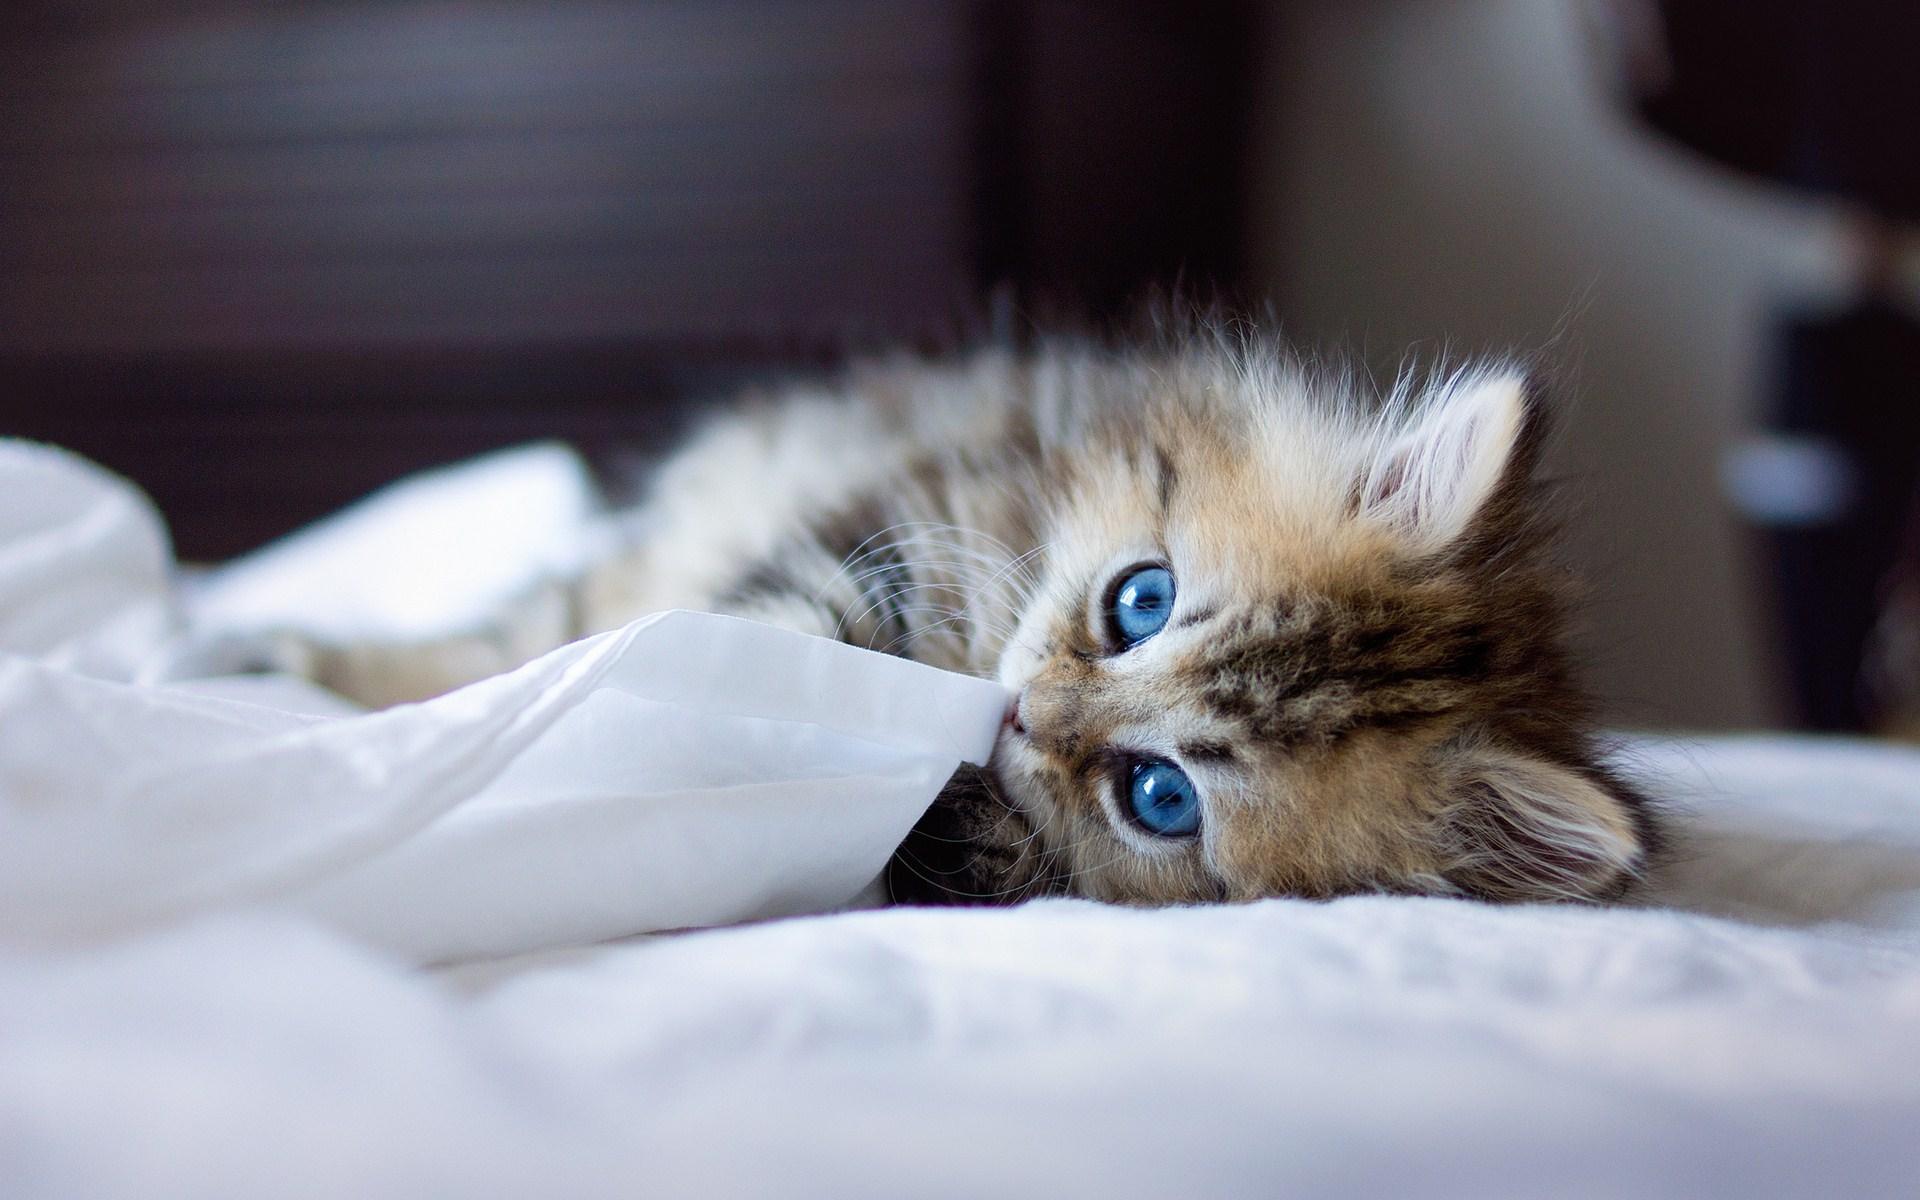 Cute Kitten Blue Eyes Bed Photo Wallpaper